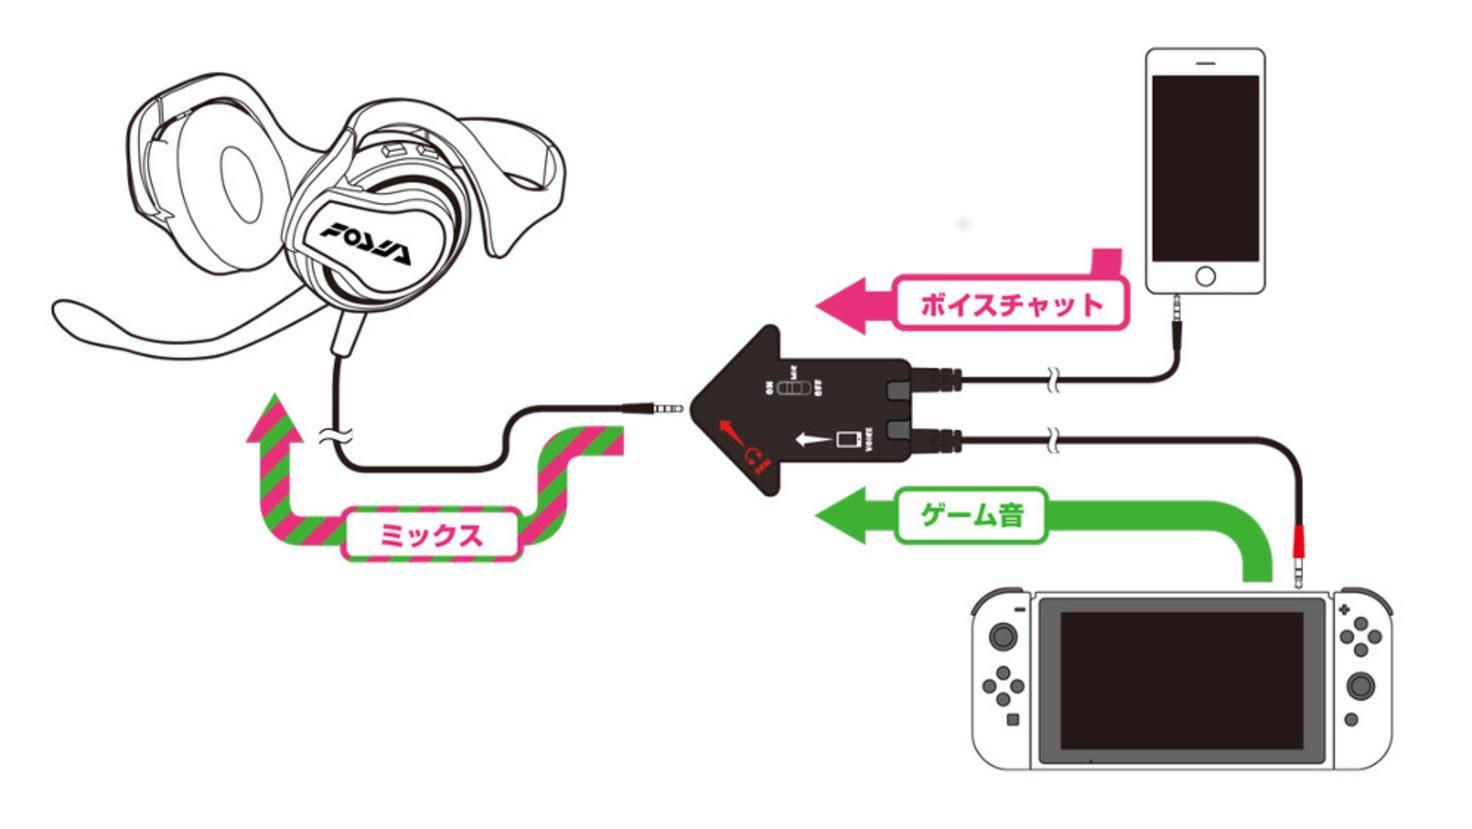 Für den Voice-Chat auf der Switch setzt Nintendo auf eine etwas umständliche Idee ...